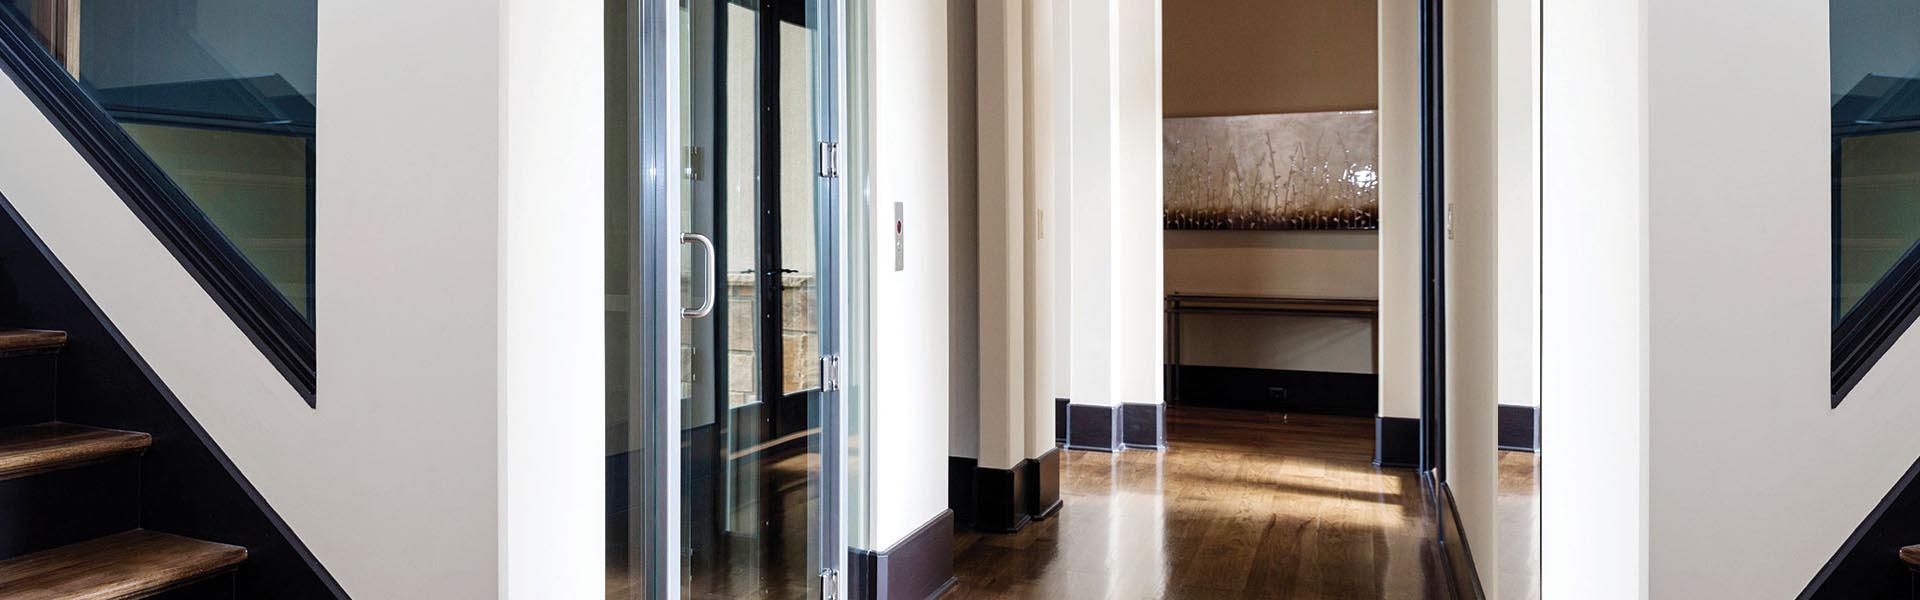 как устроены лифты для коттеджей